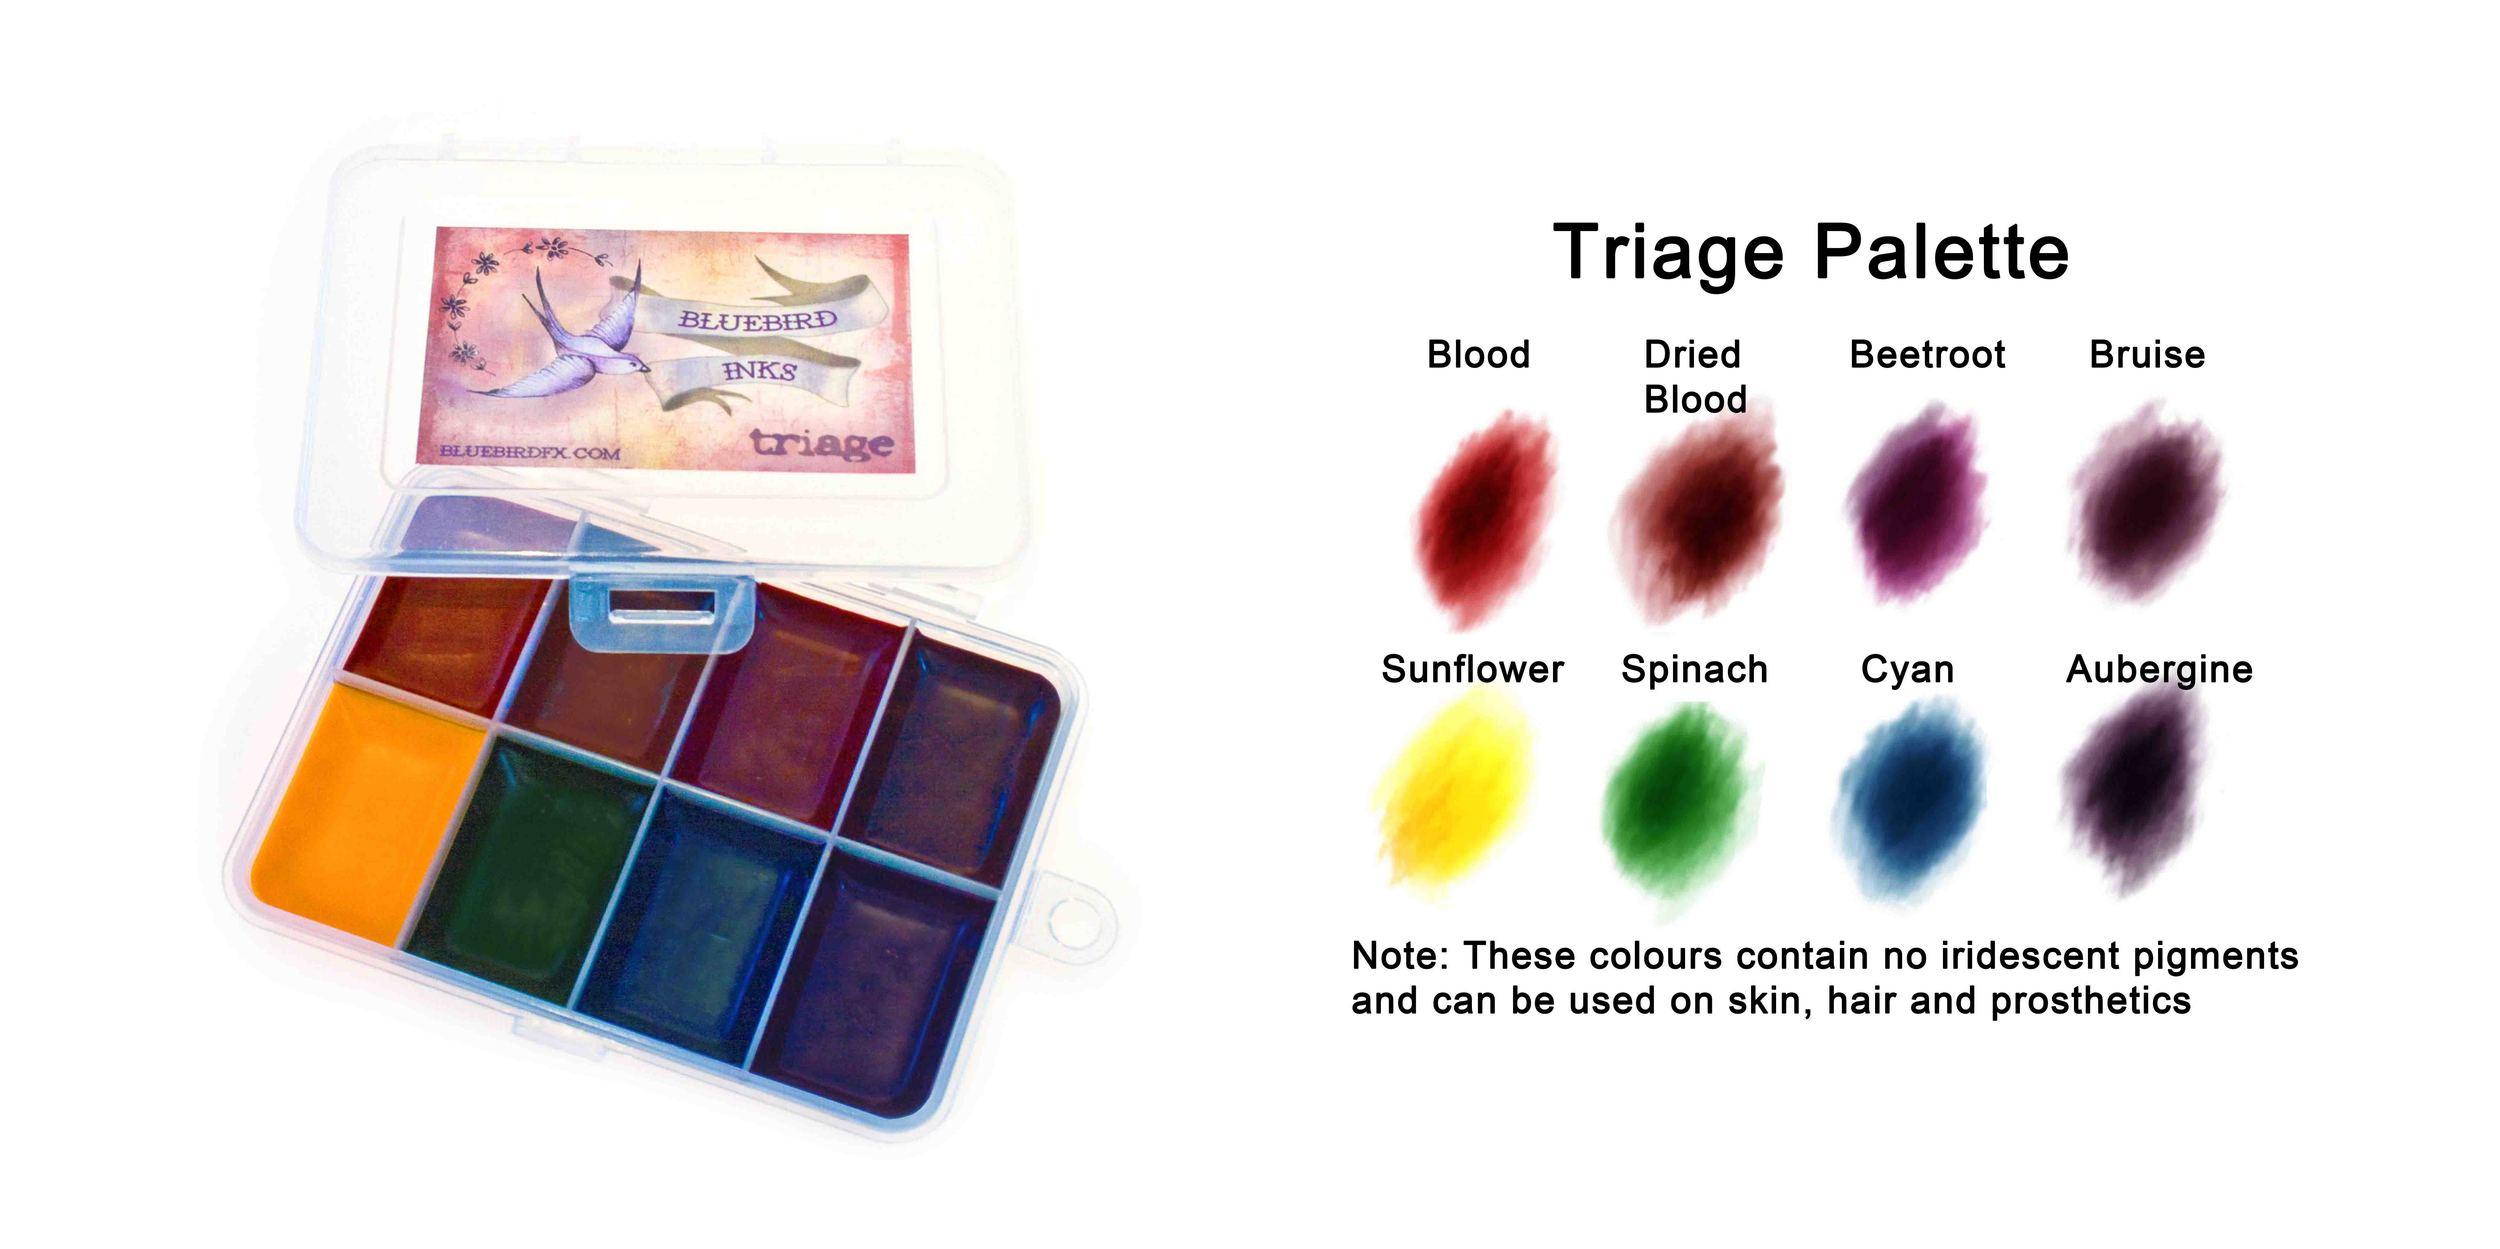 Triage Palette